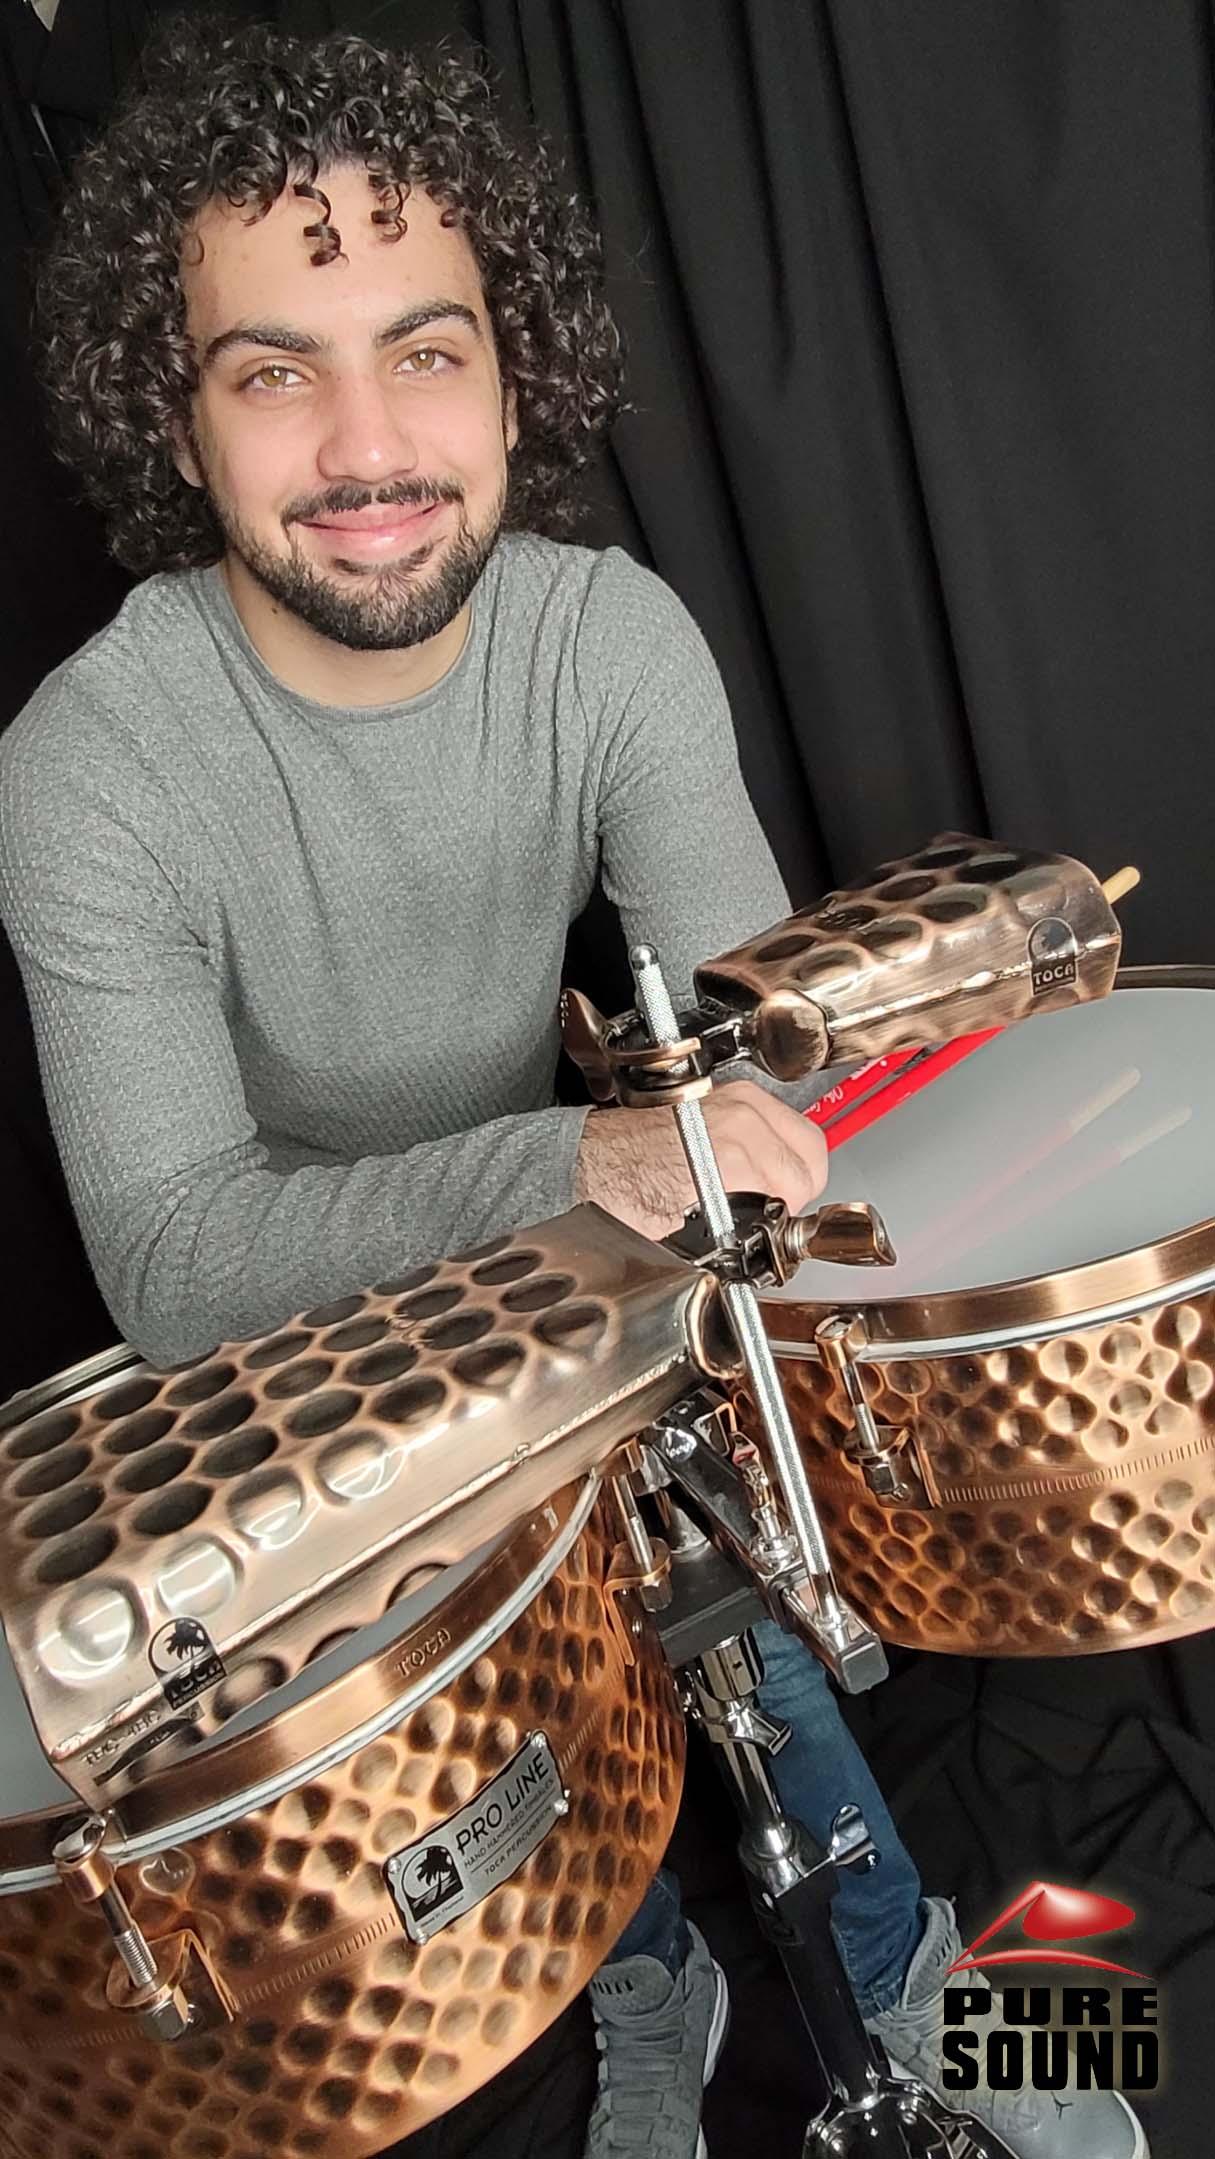 David Antonio Rosado